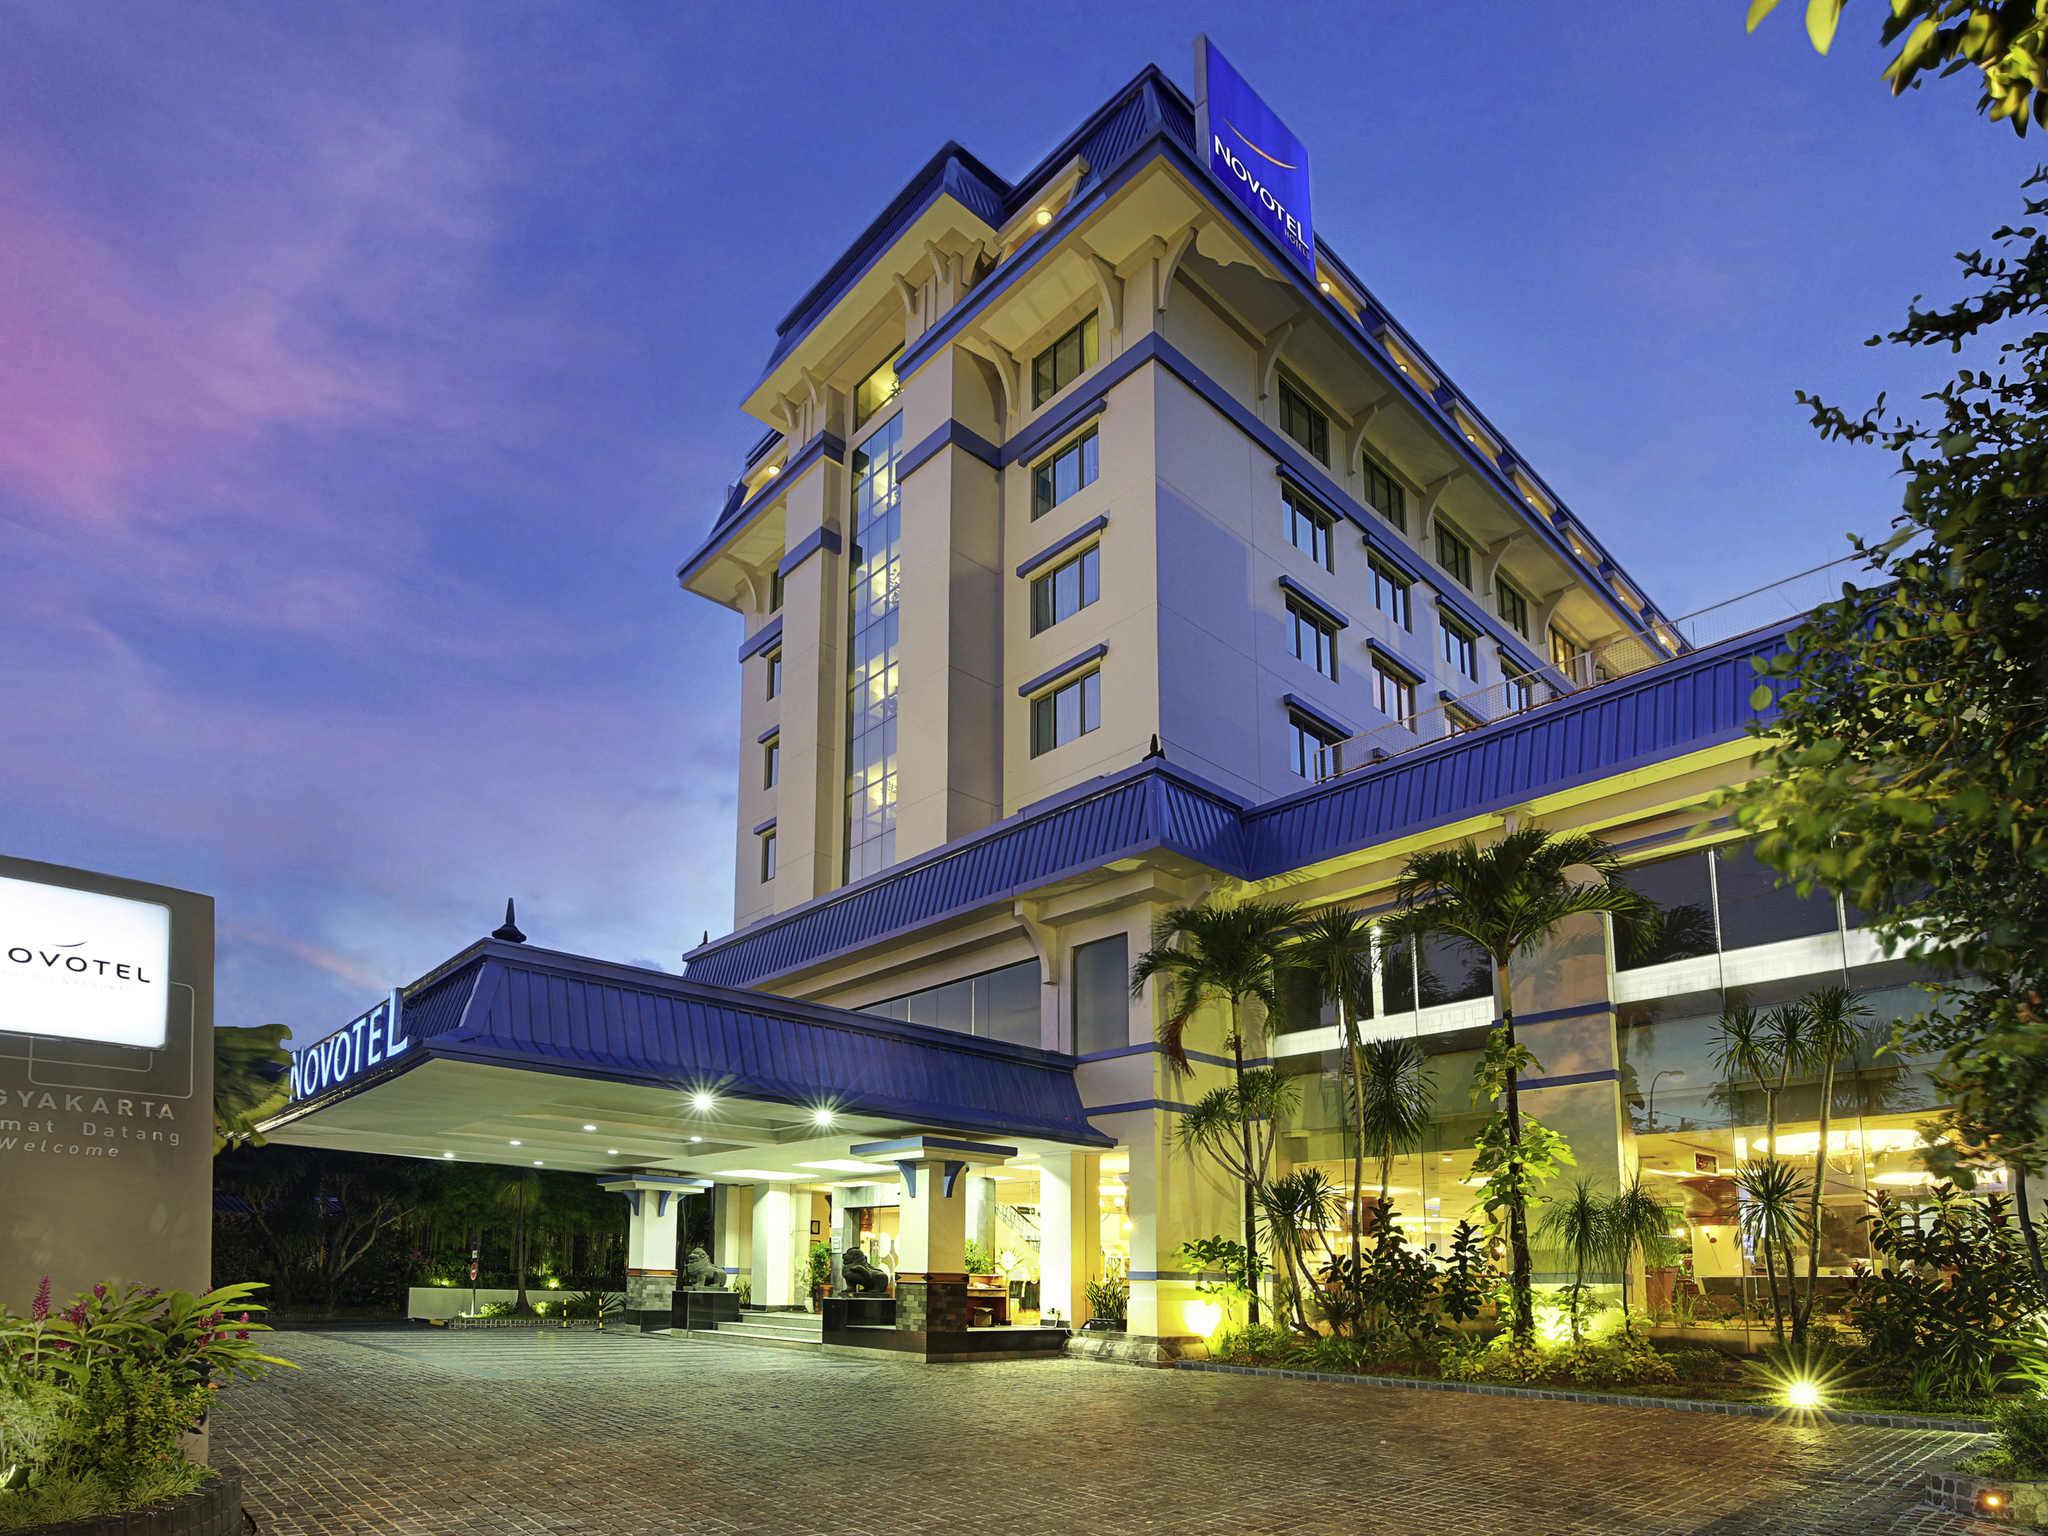 Hotel In Yogyakarta Novotel Yogyakarta Accorhotels